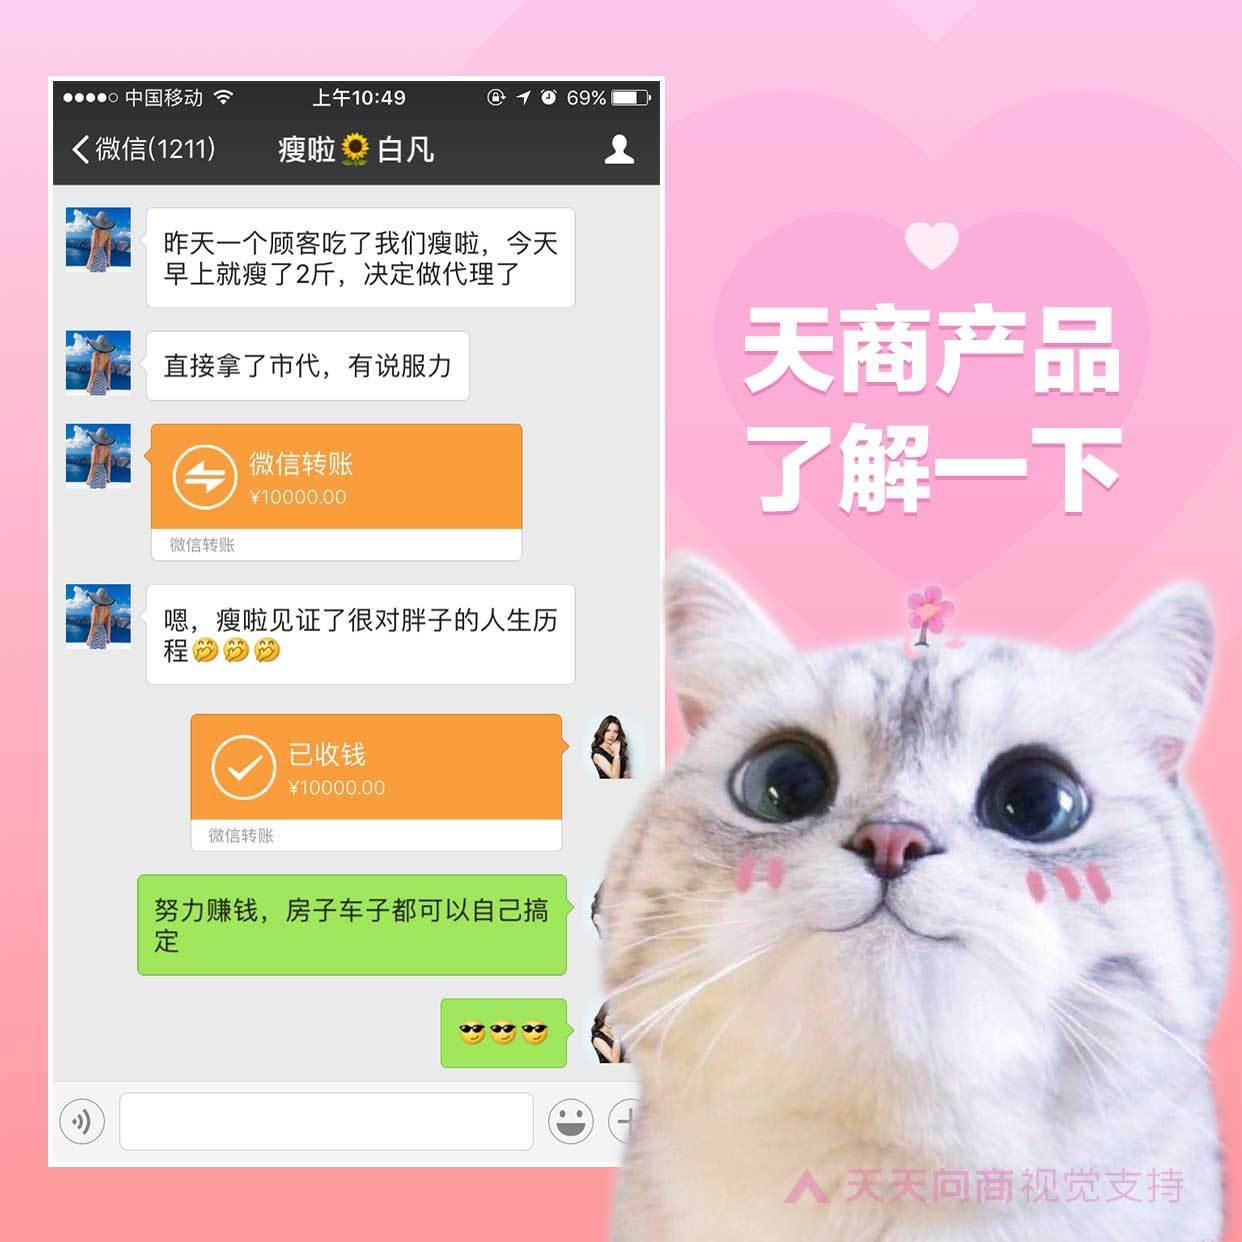 萌宠大眼猫花式晒单方形海报